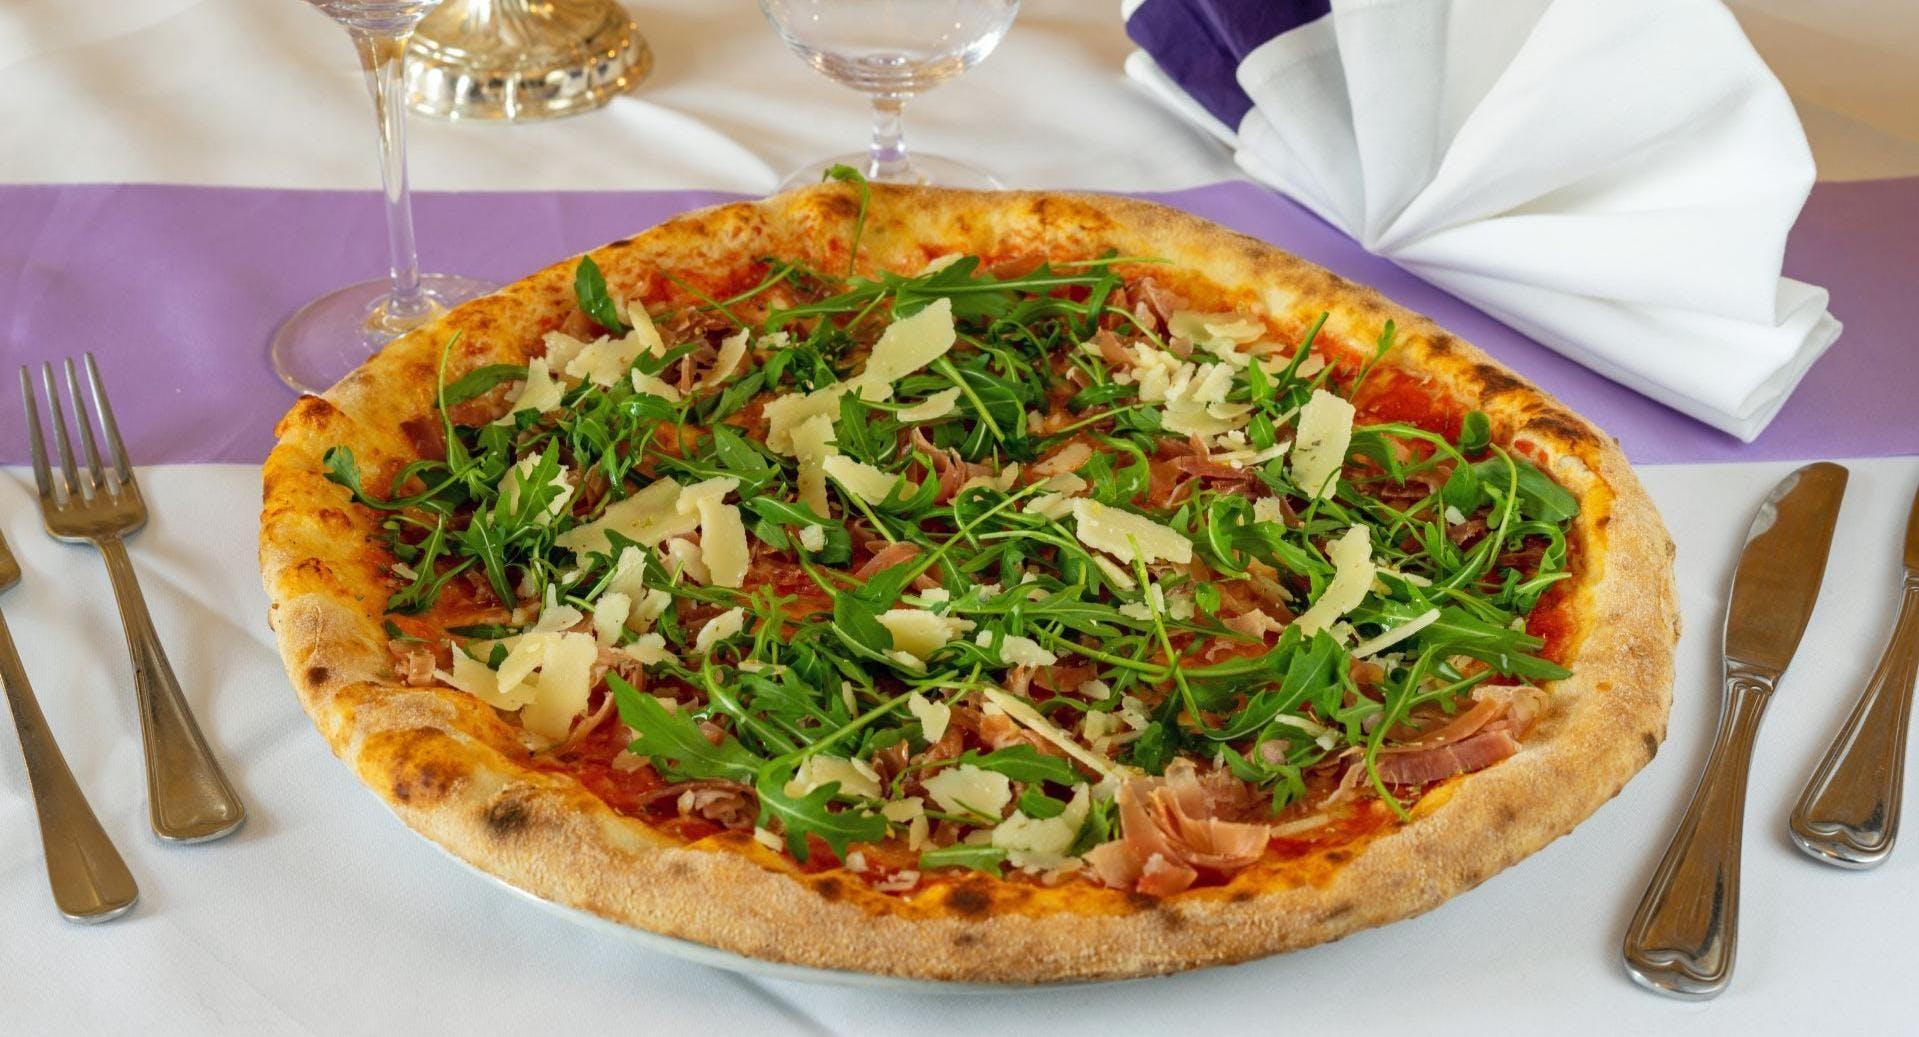 Ristorante Pizzeria Ciao München image 2